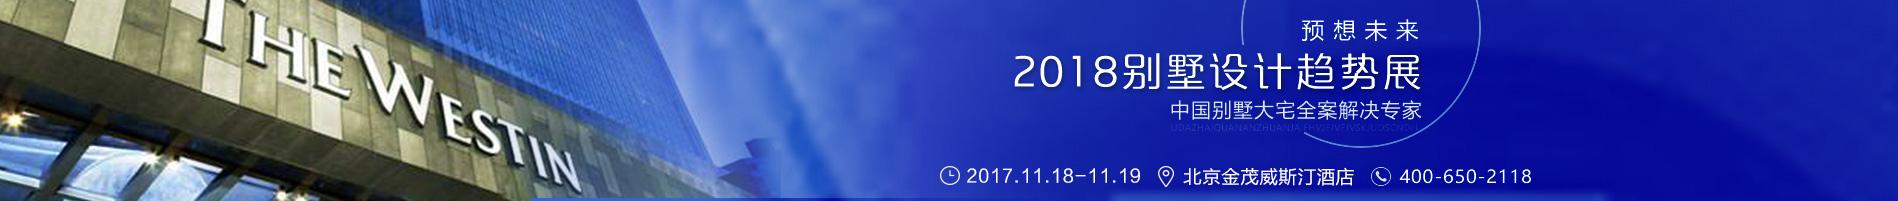 2018趋势展